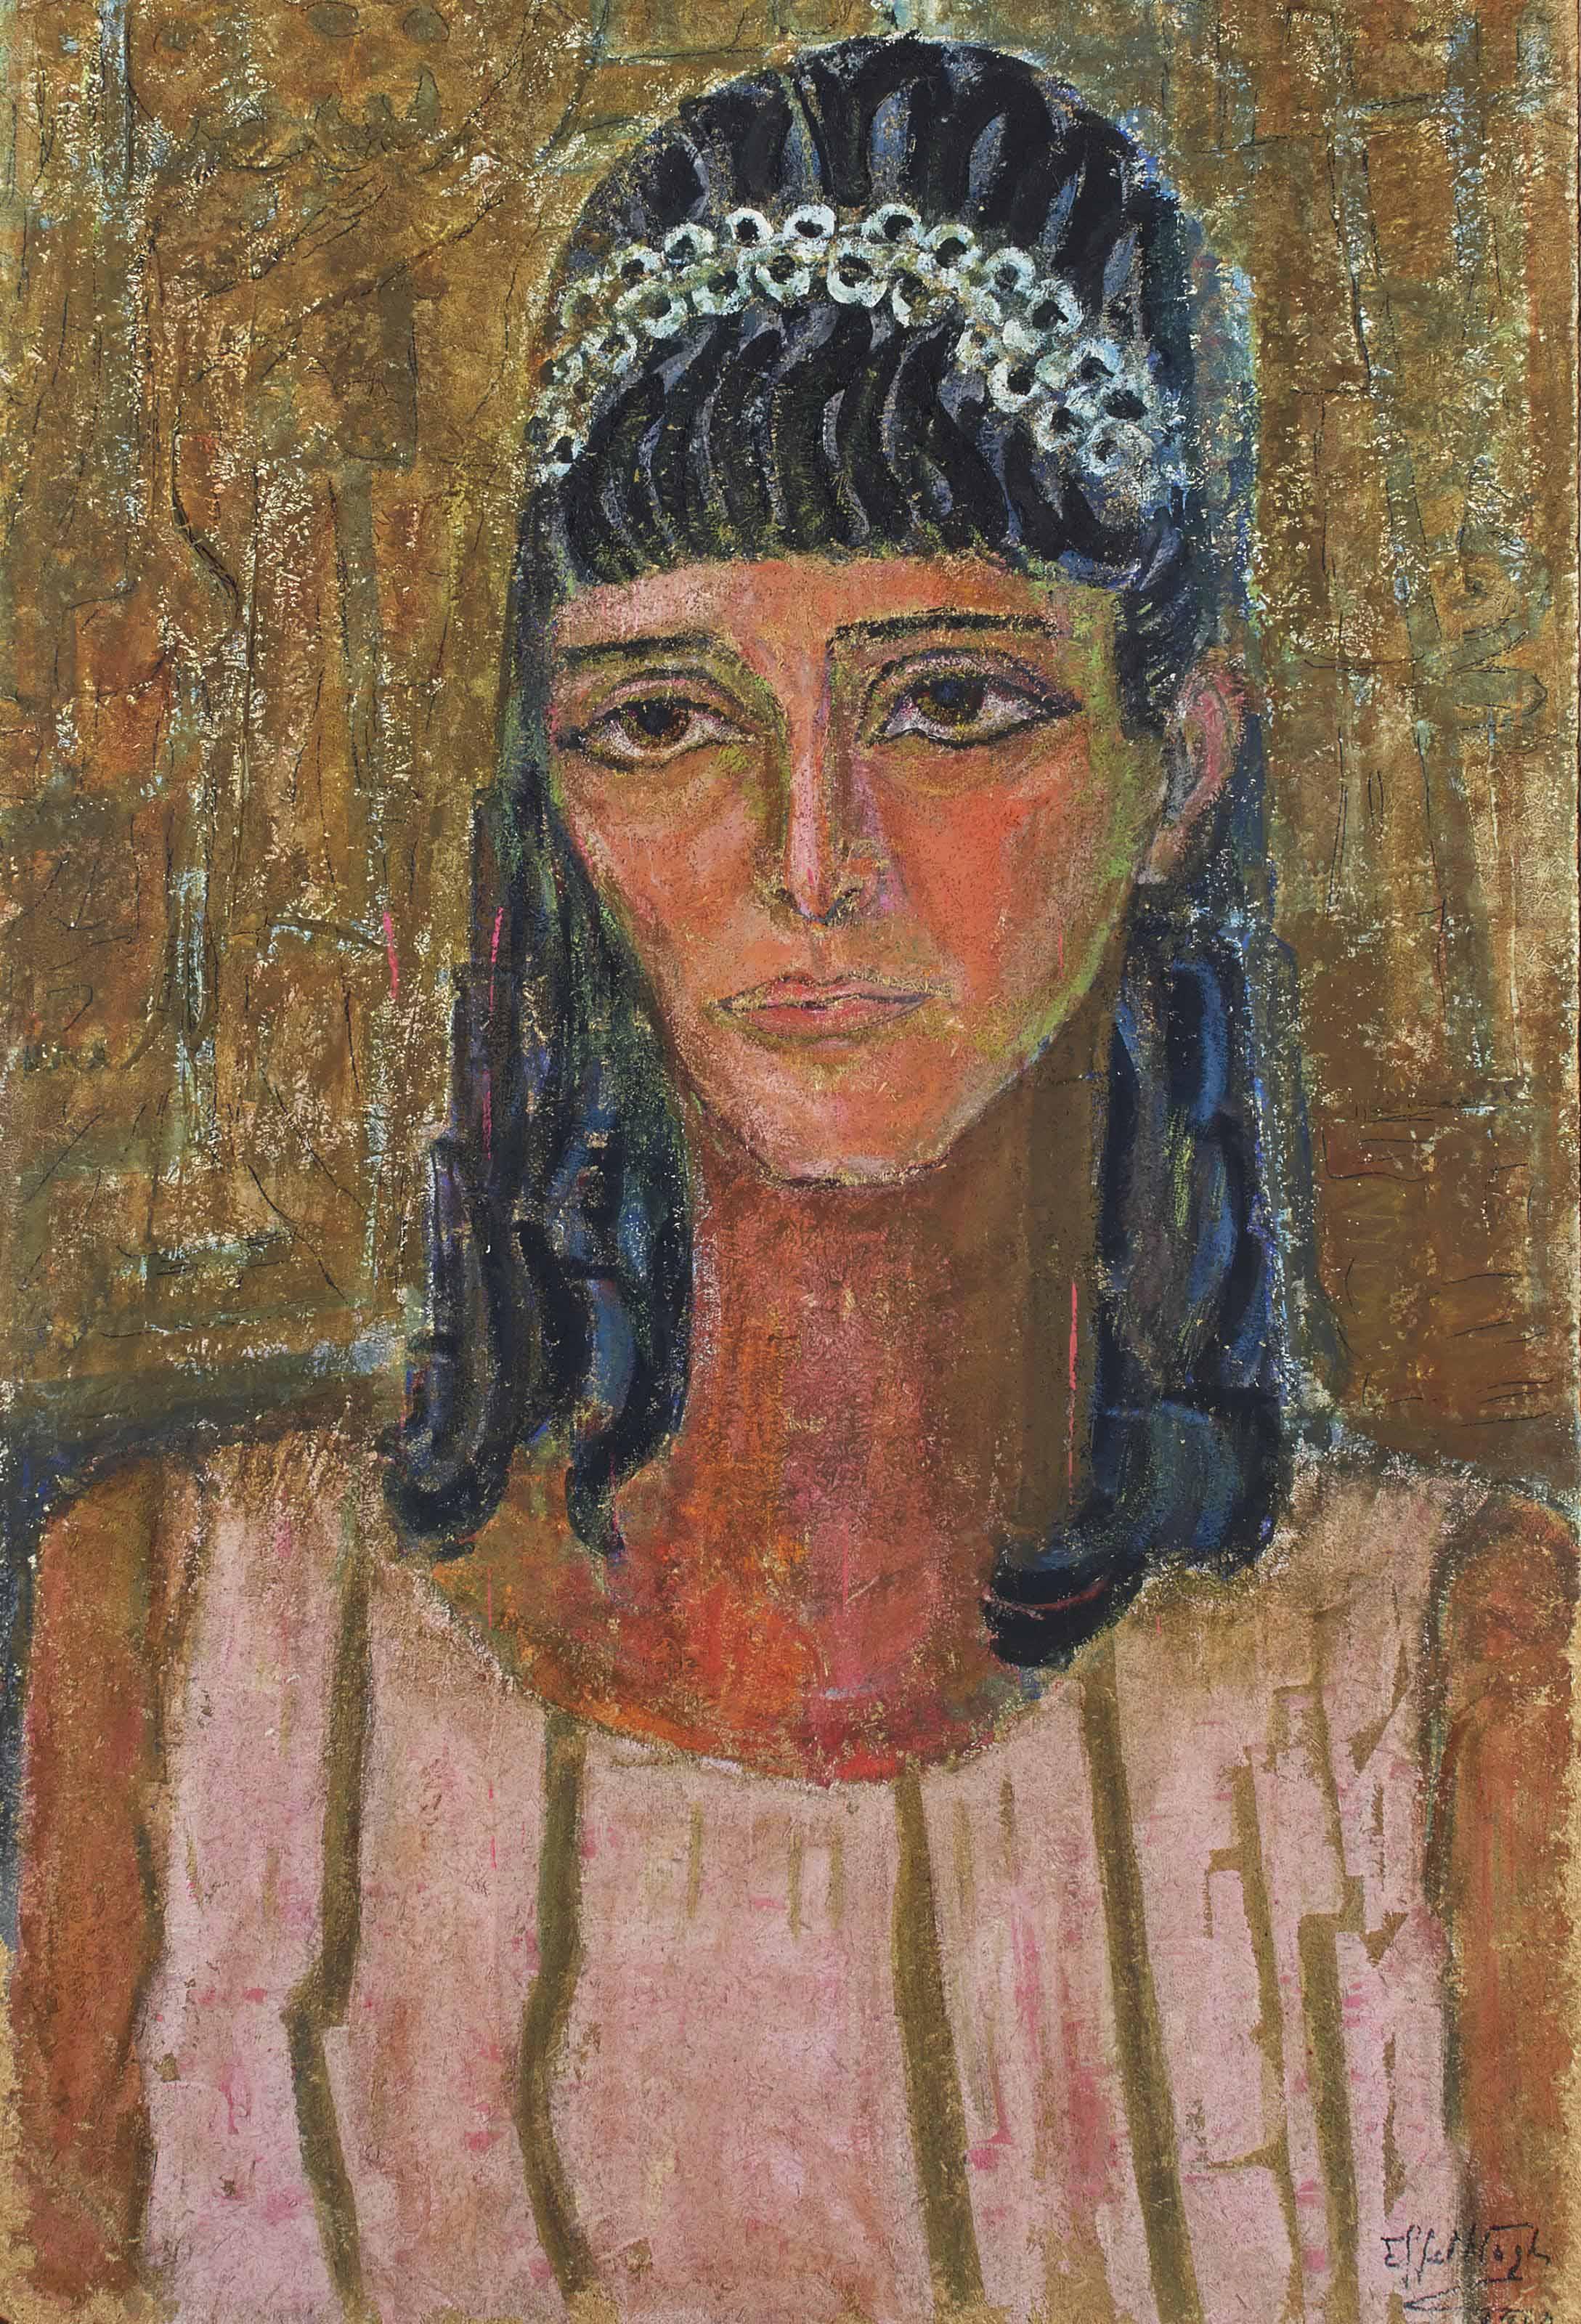 Untitled (recto); Portrait (verso)